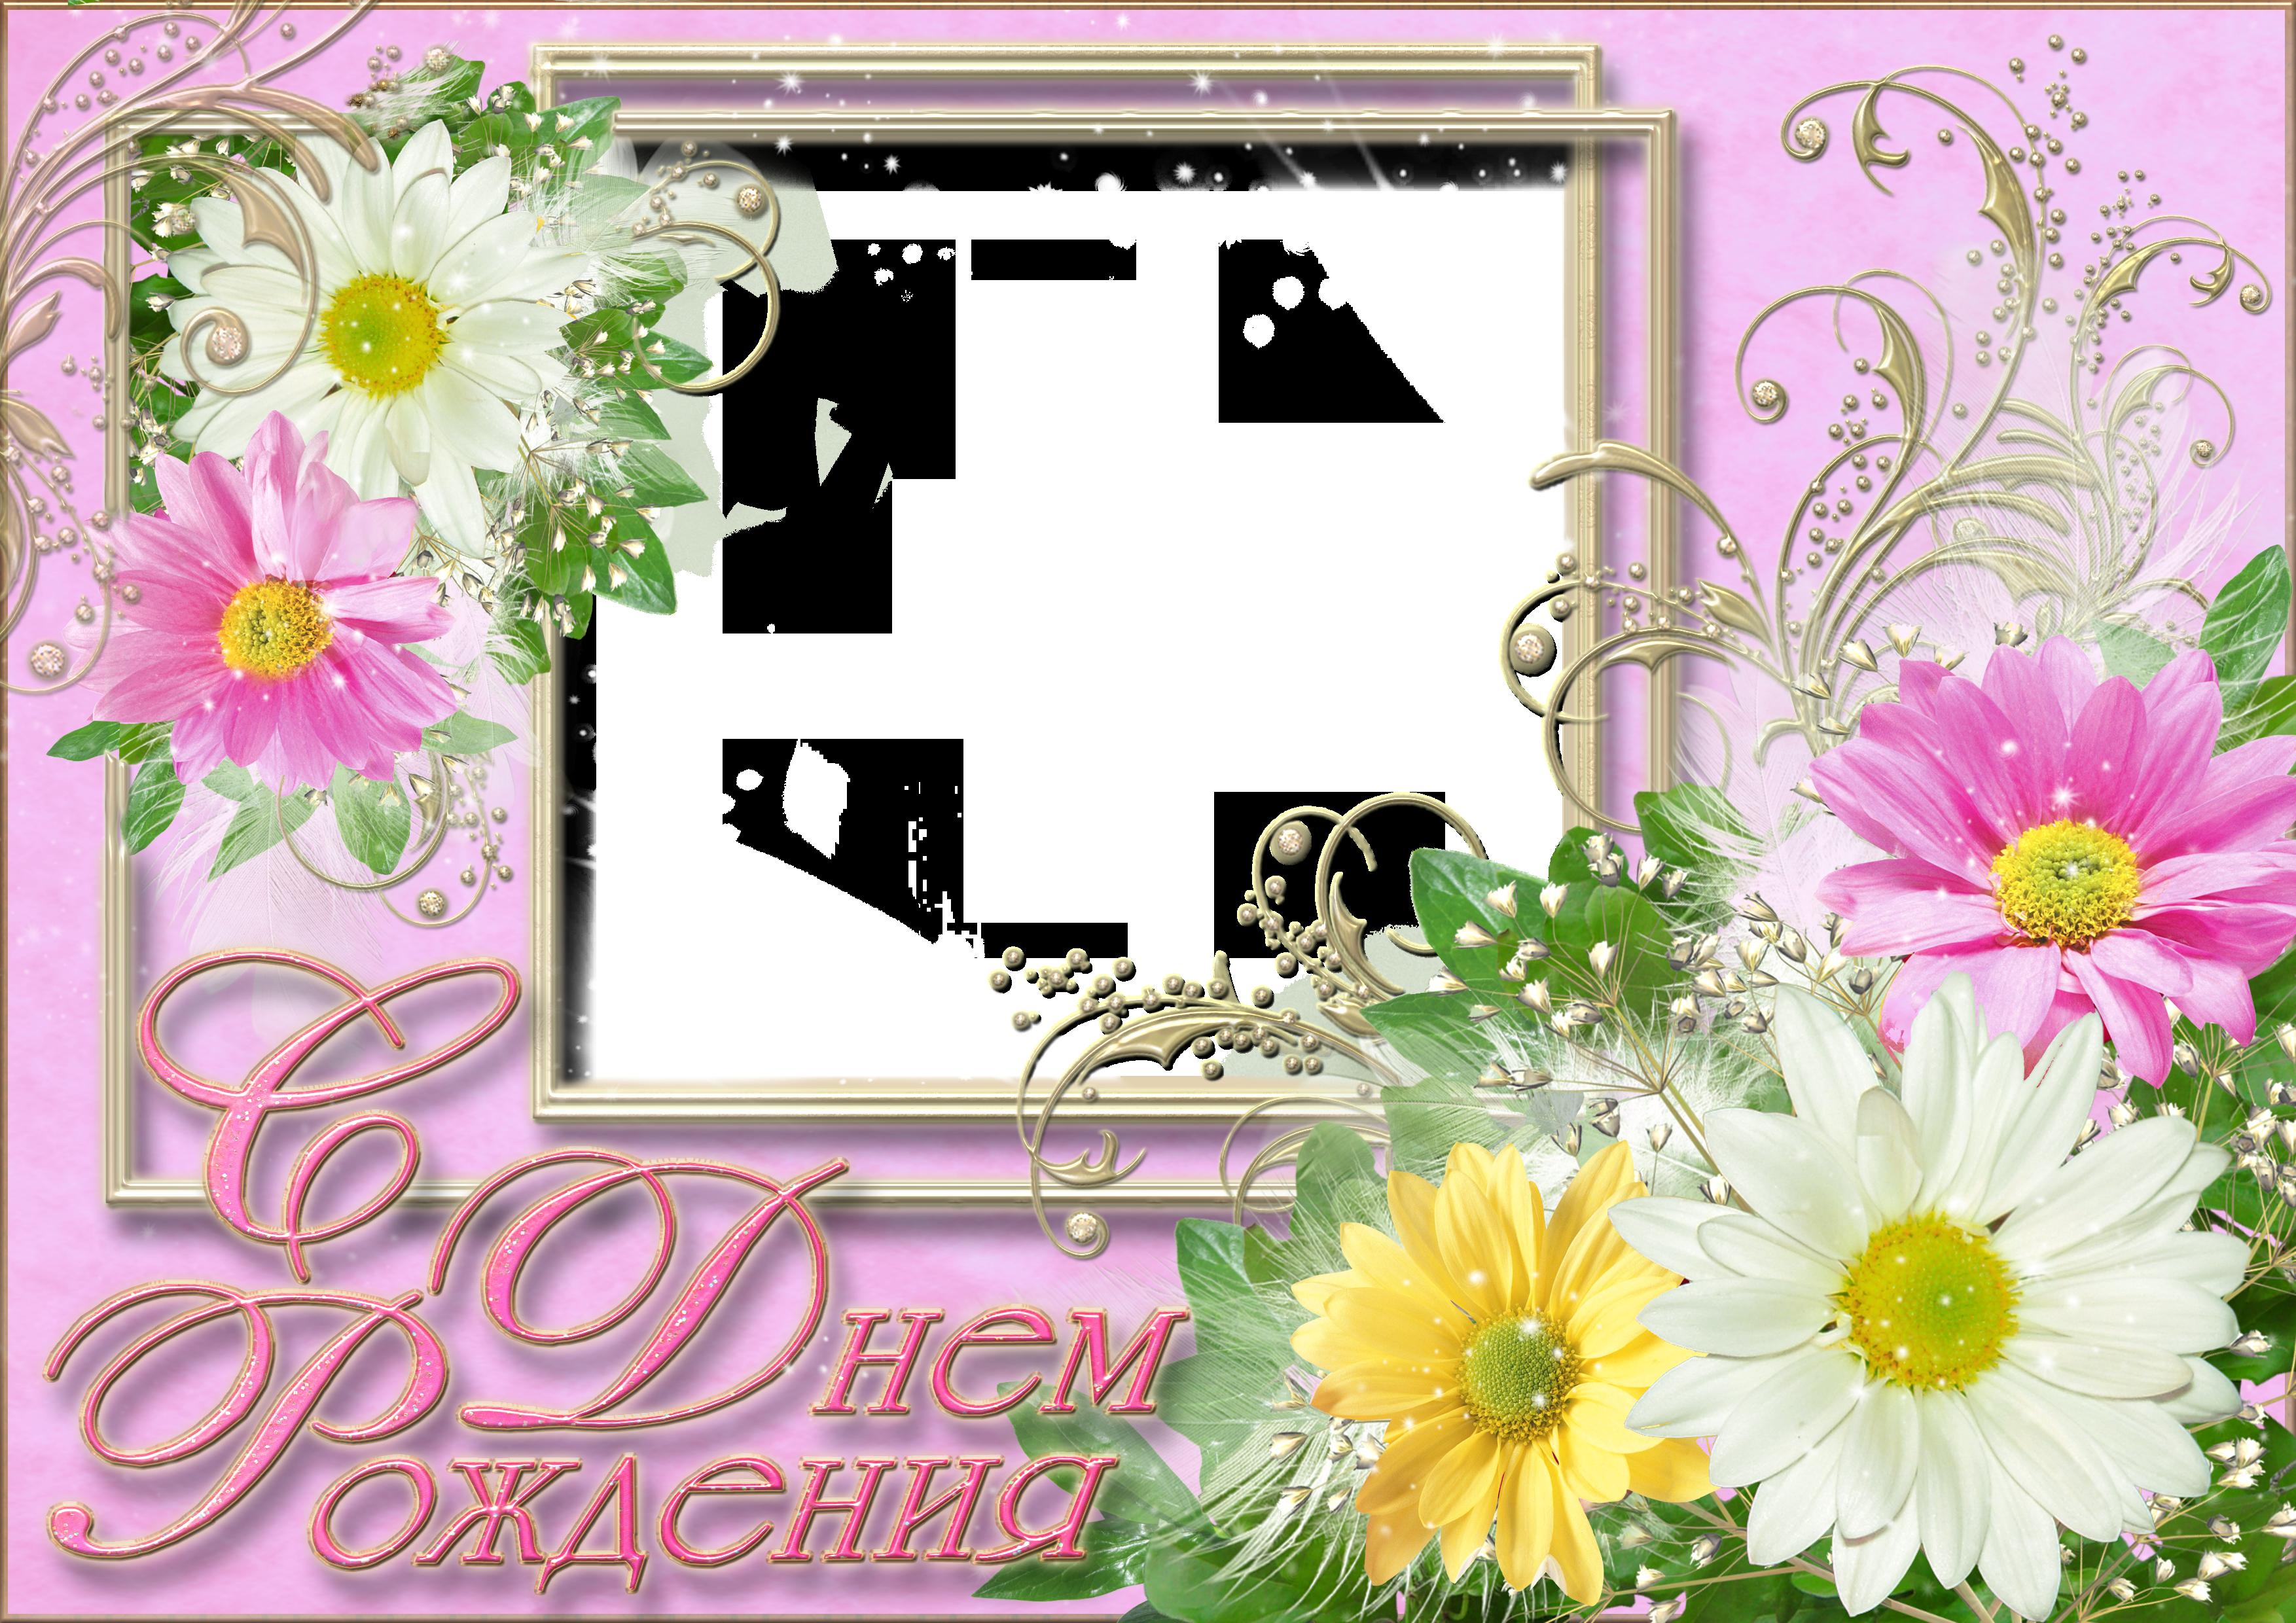 Шаблон открыток с днем рождения для фотошопа, именную открытку